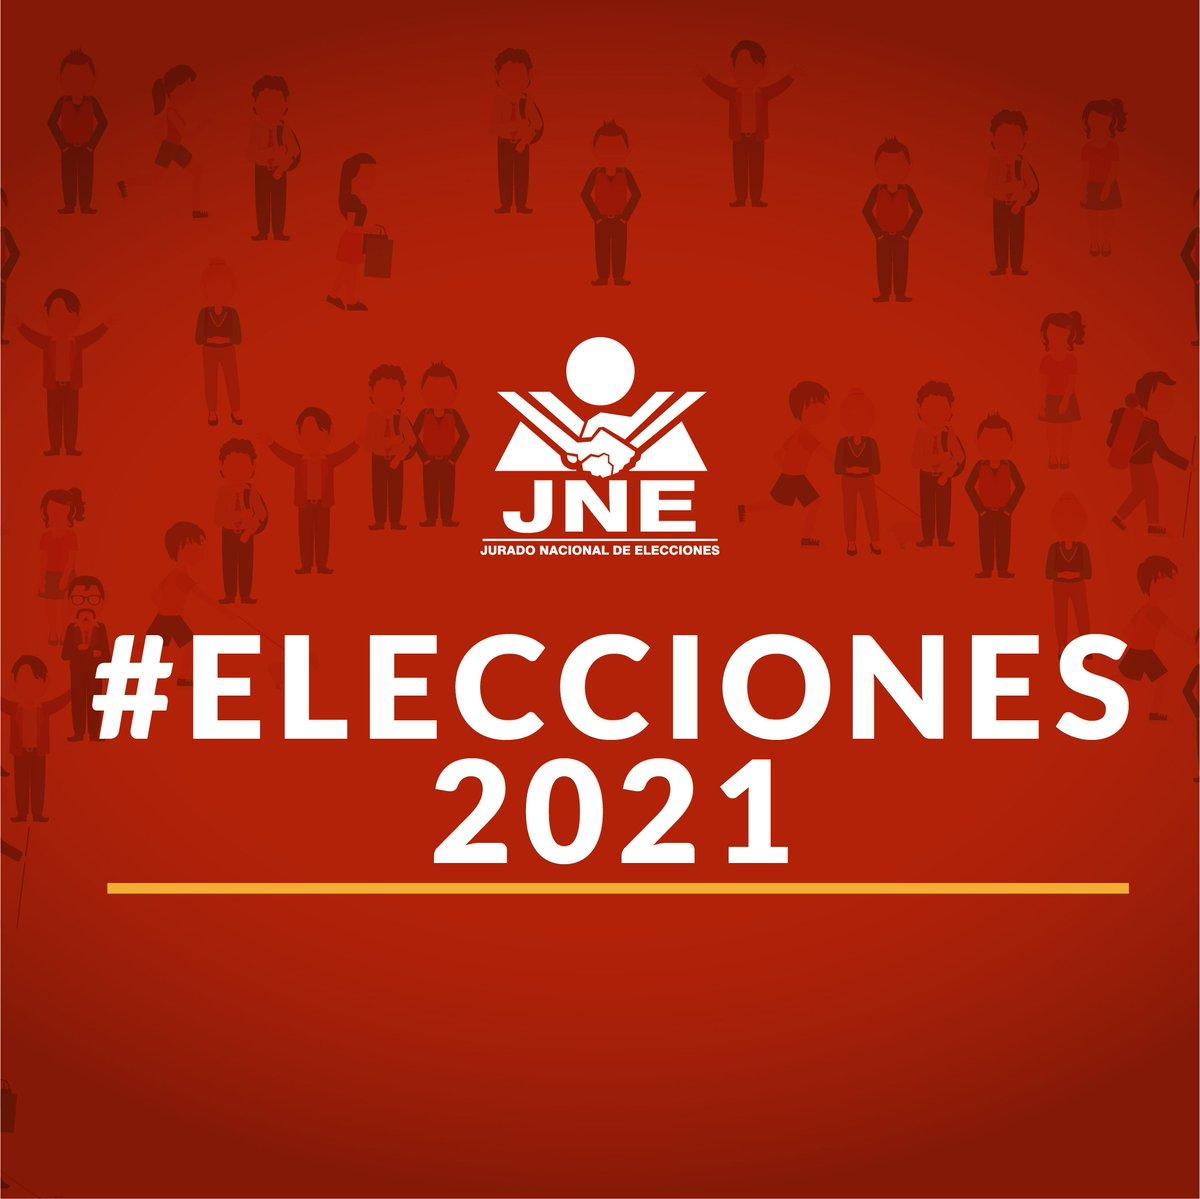 las elecciones 2 vuelta